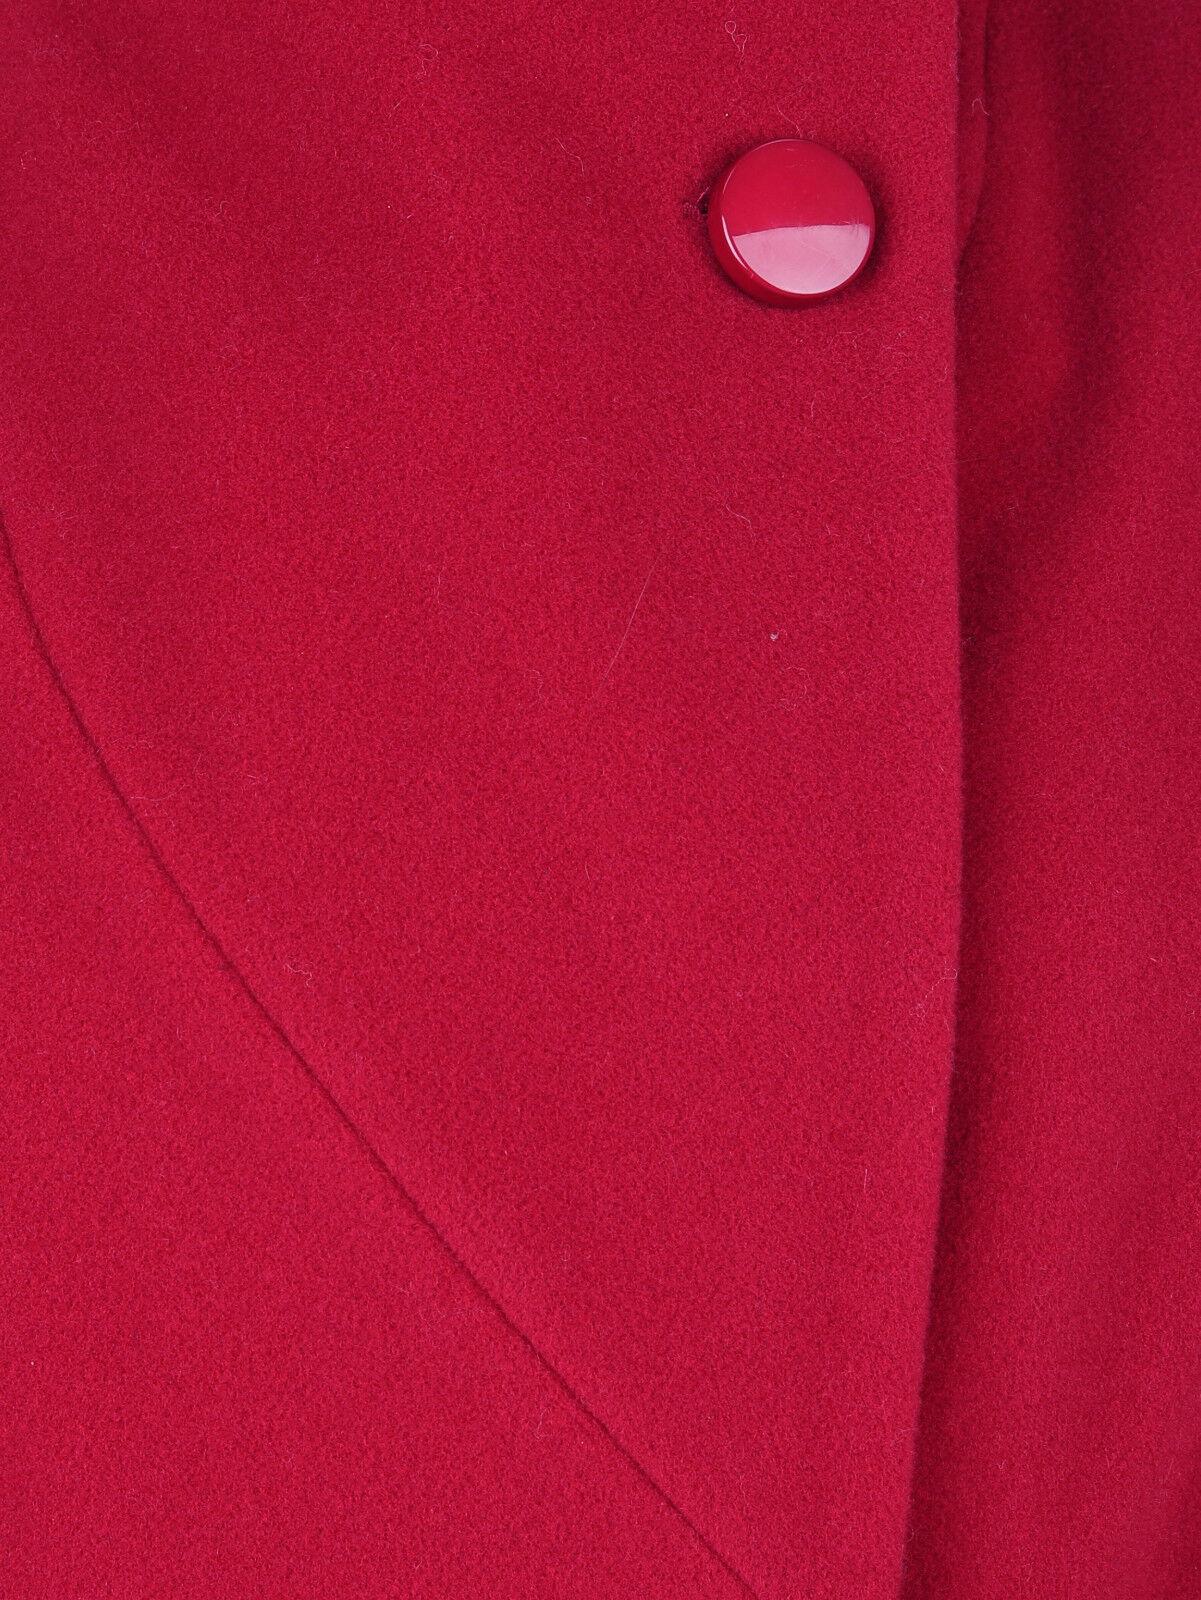 WOLL KURZ MANTEL MIT KASCHMIR KIRSCHROT GR. 44, 44, 44, GR. 46 1017043651 | Gewinnen Sie das Lob der Kunden  | Elegante und robuste Verpackung  | Perfekte Verarbeitung  4fb898